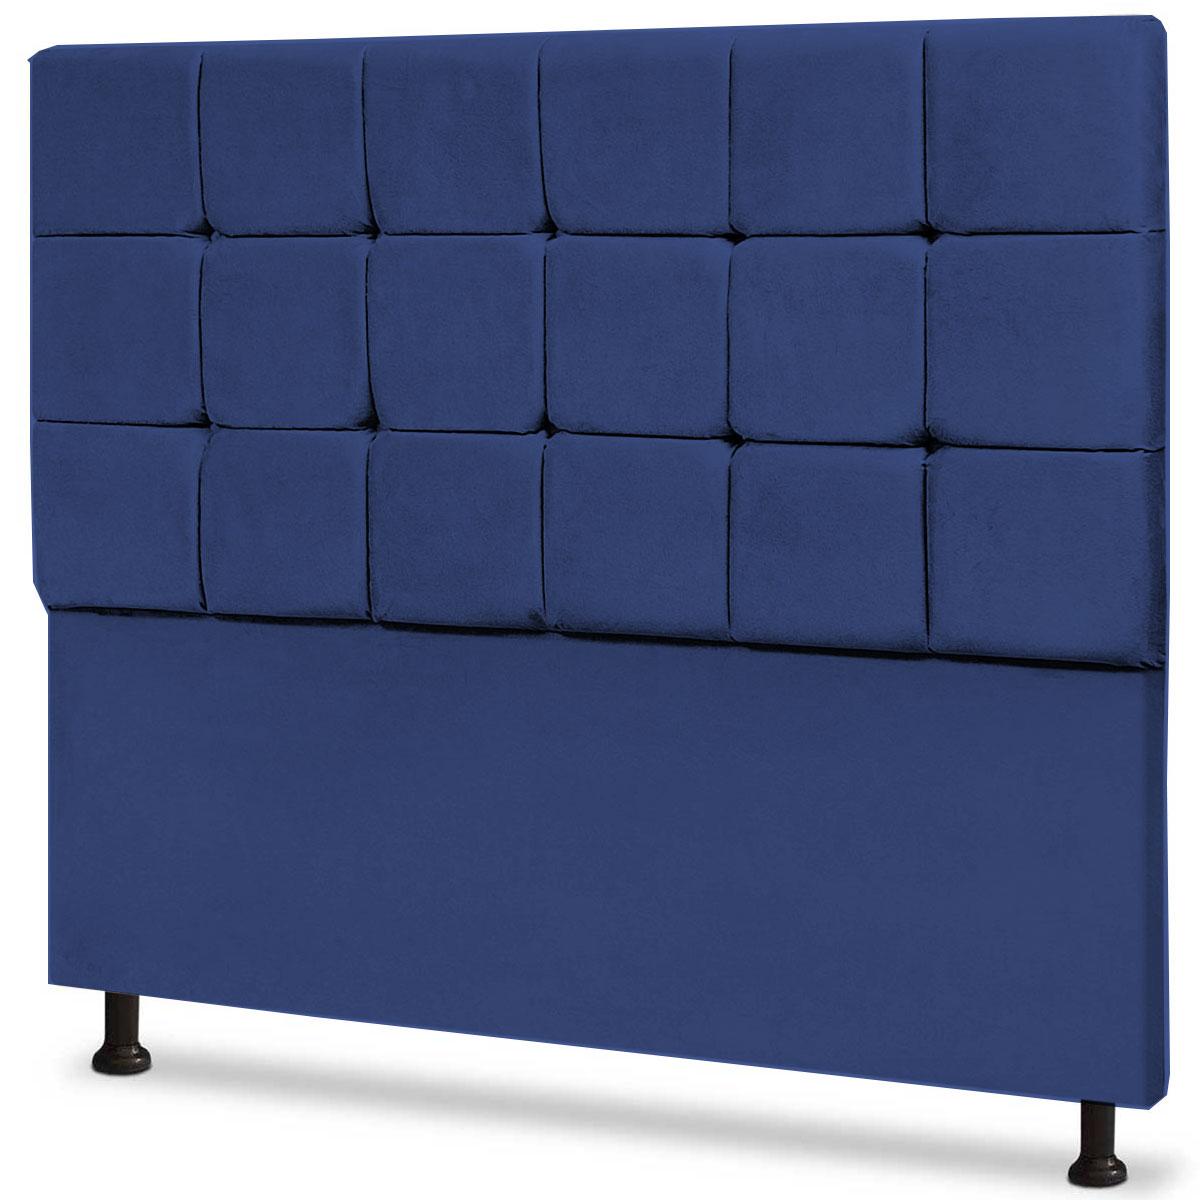 Cabeceira Solteiro Estofada Espanha 90 cm Animale Azul